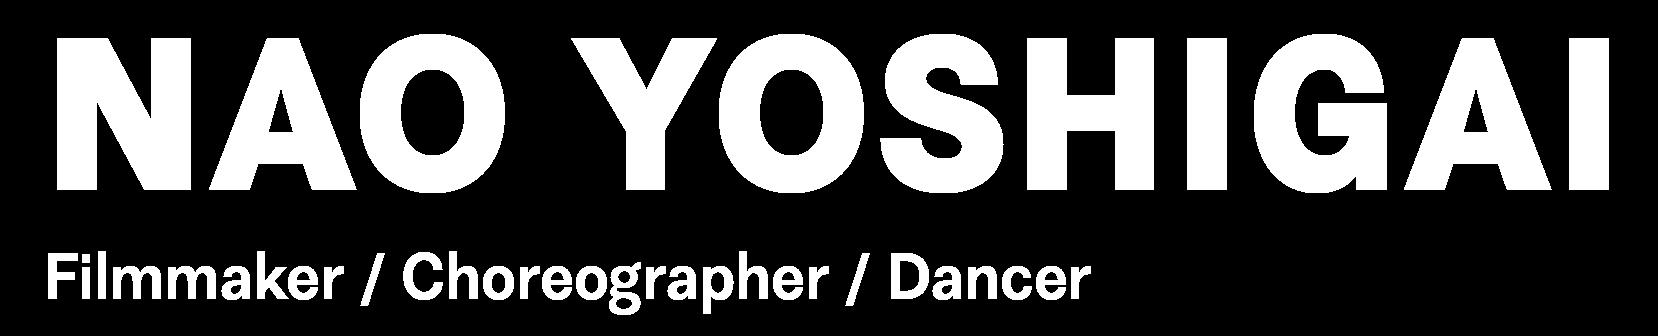 Nao yoshigai  |  Filmmaker / Choreographer / Dancer